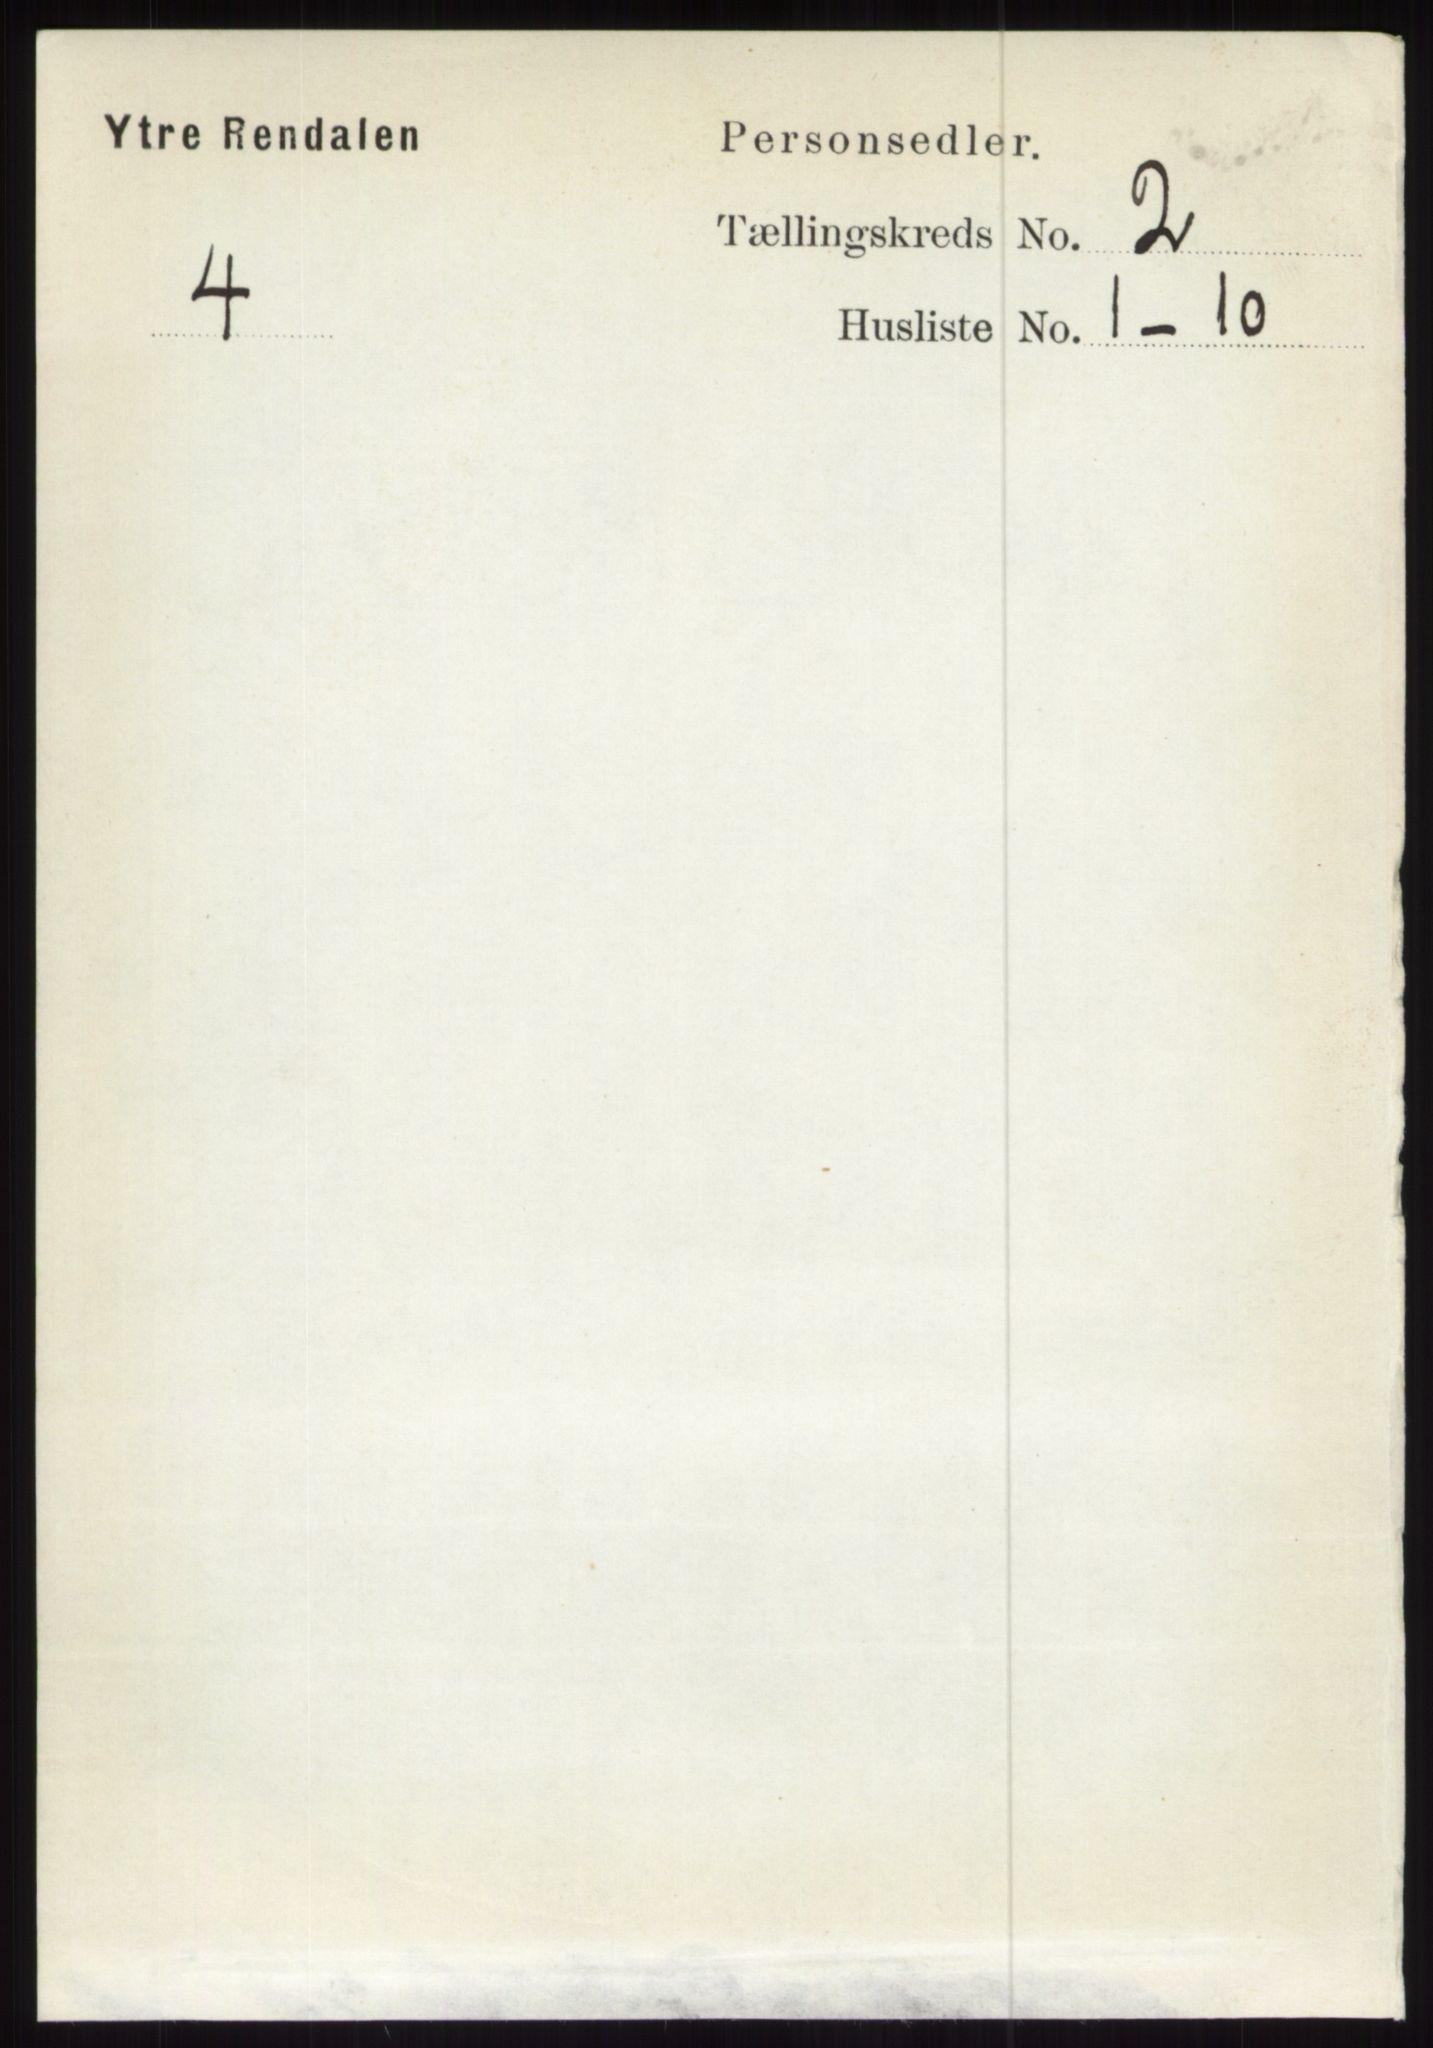 RA, Folketelling 1891 for 0432 Ytre Rendal herred, 1891, s. 292